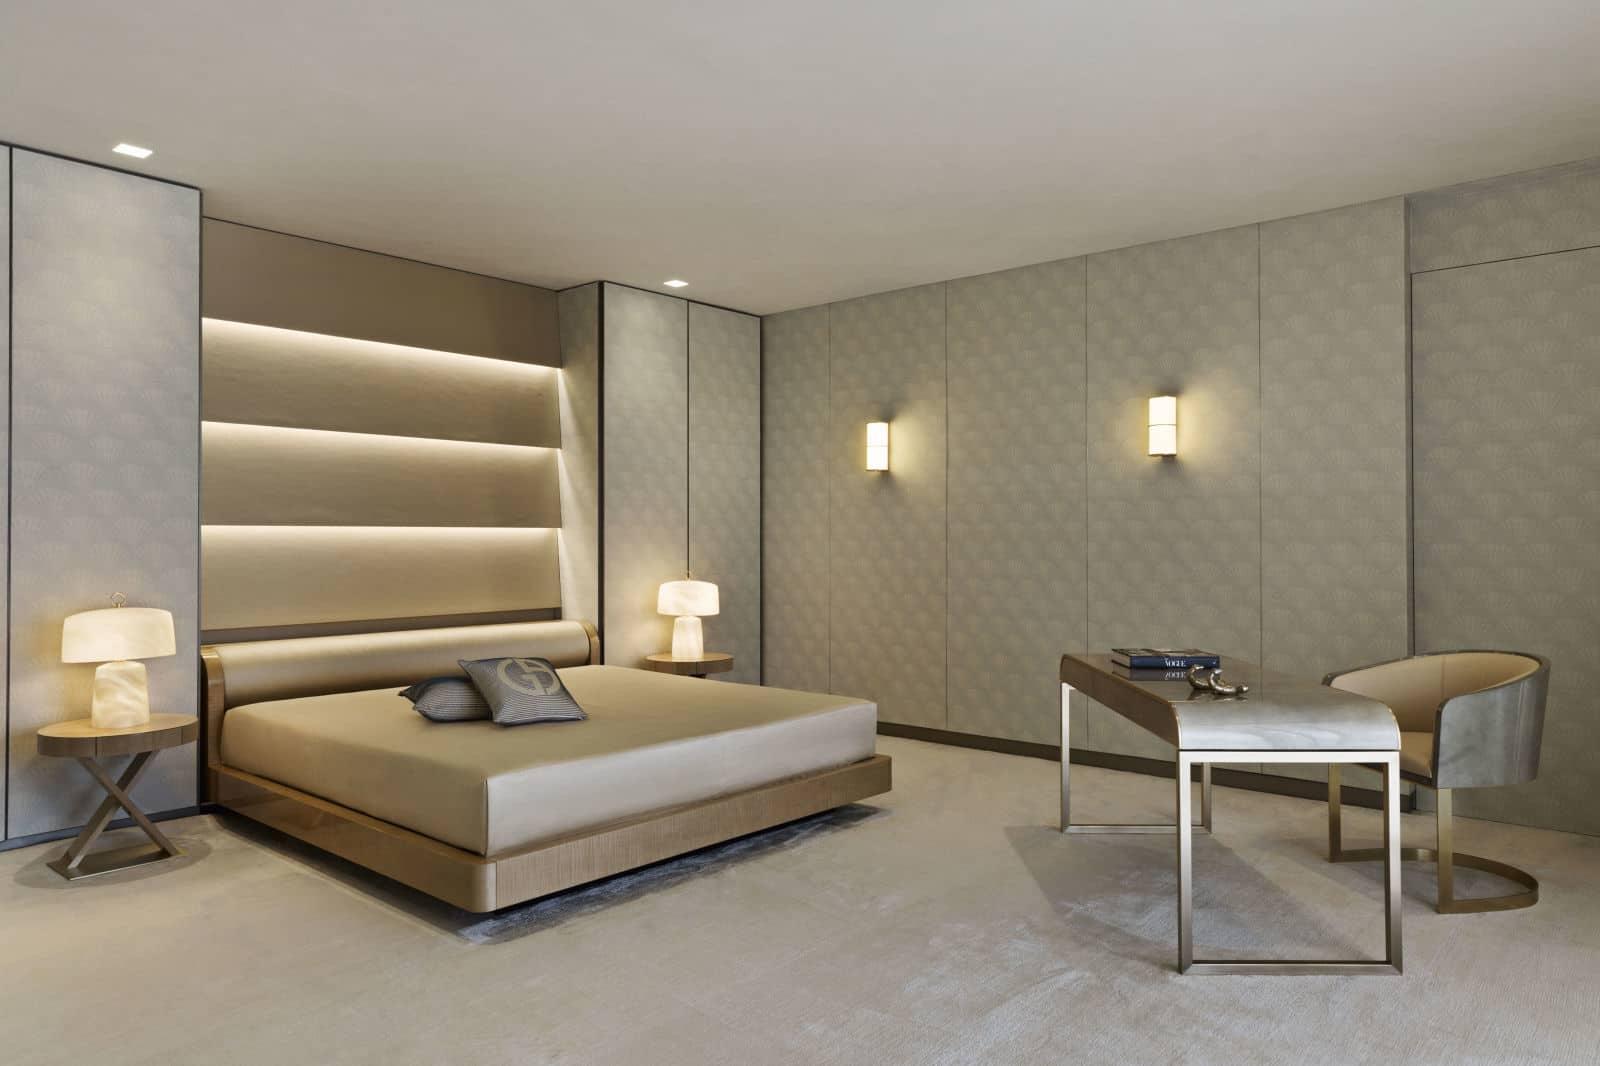 Armani-duplex-penthouse-4